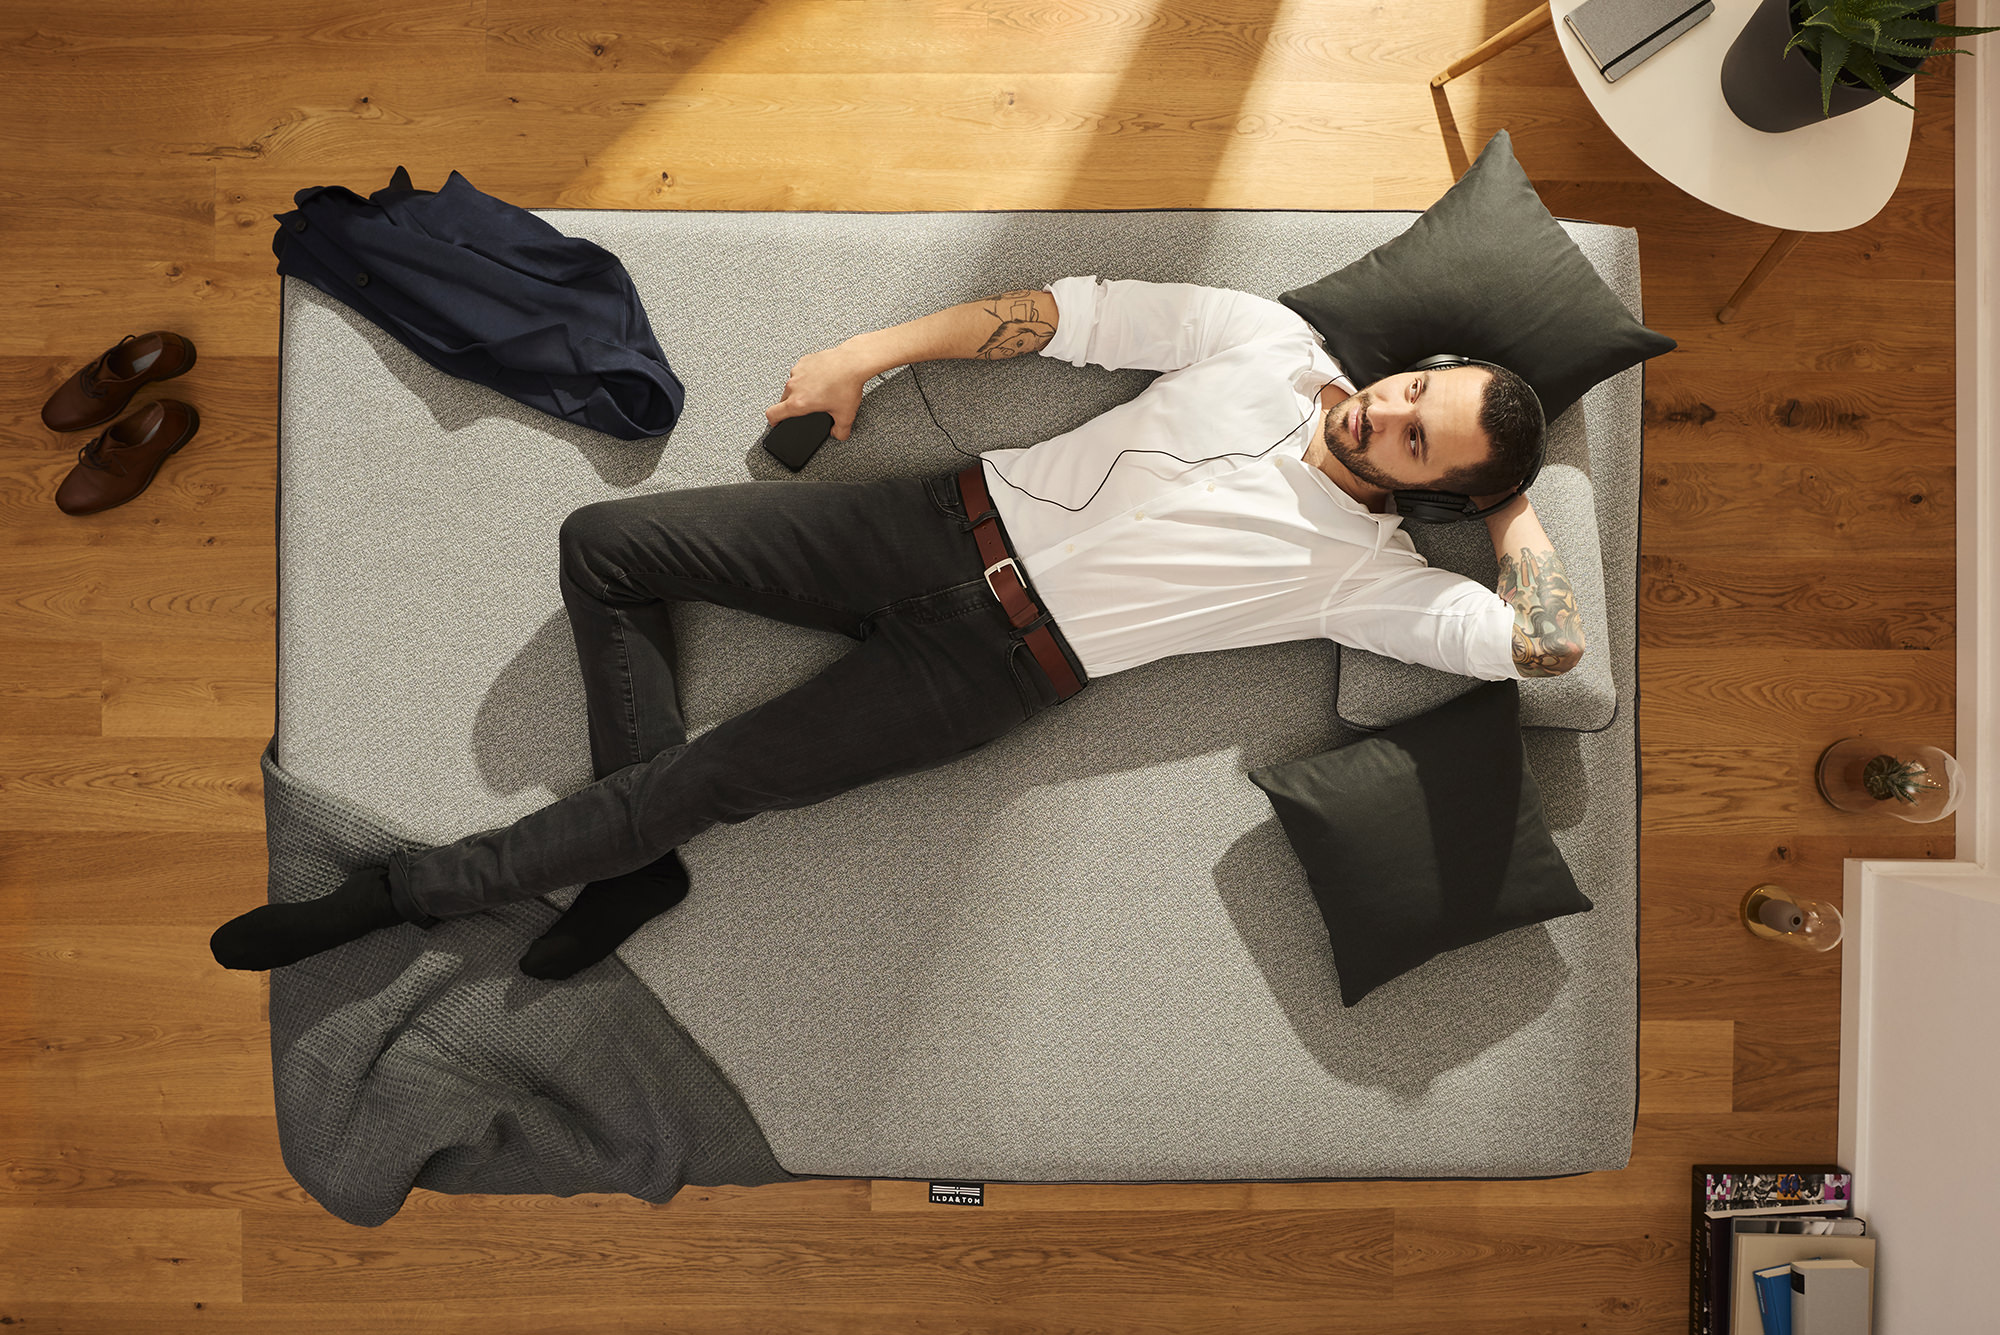 Business Mann chillt auf einer stylischen Matratze und hört Musik